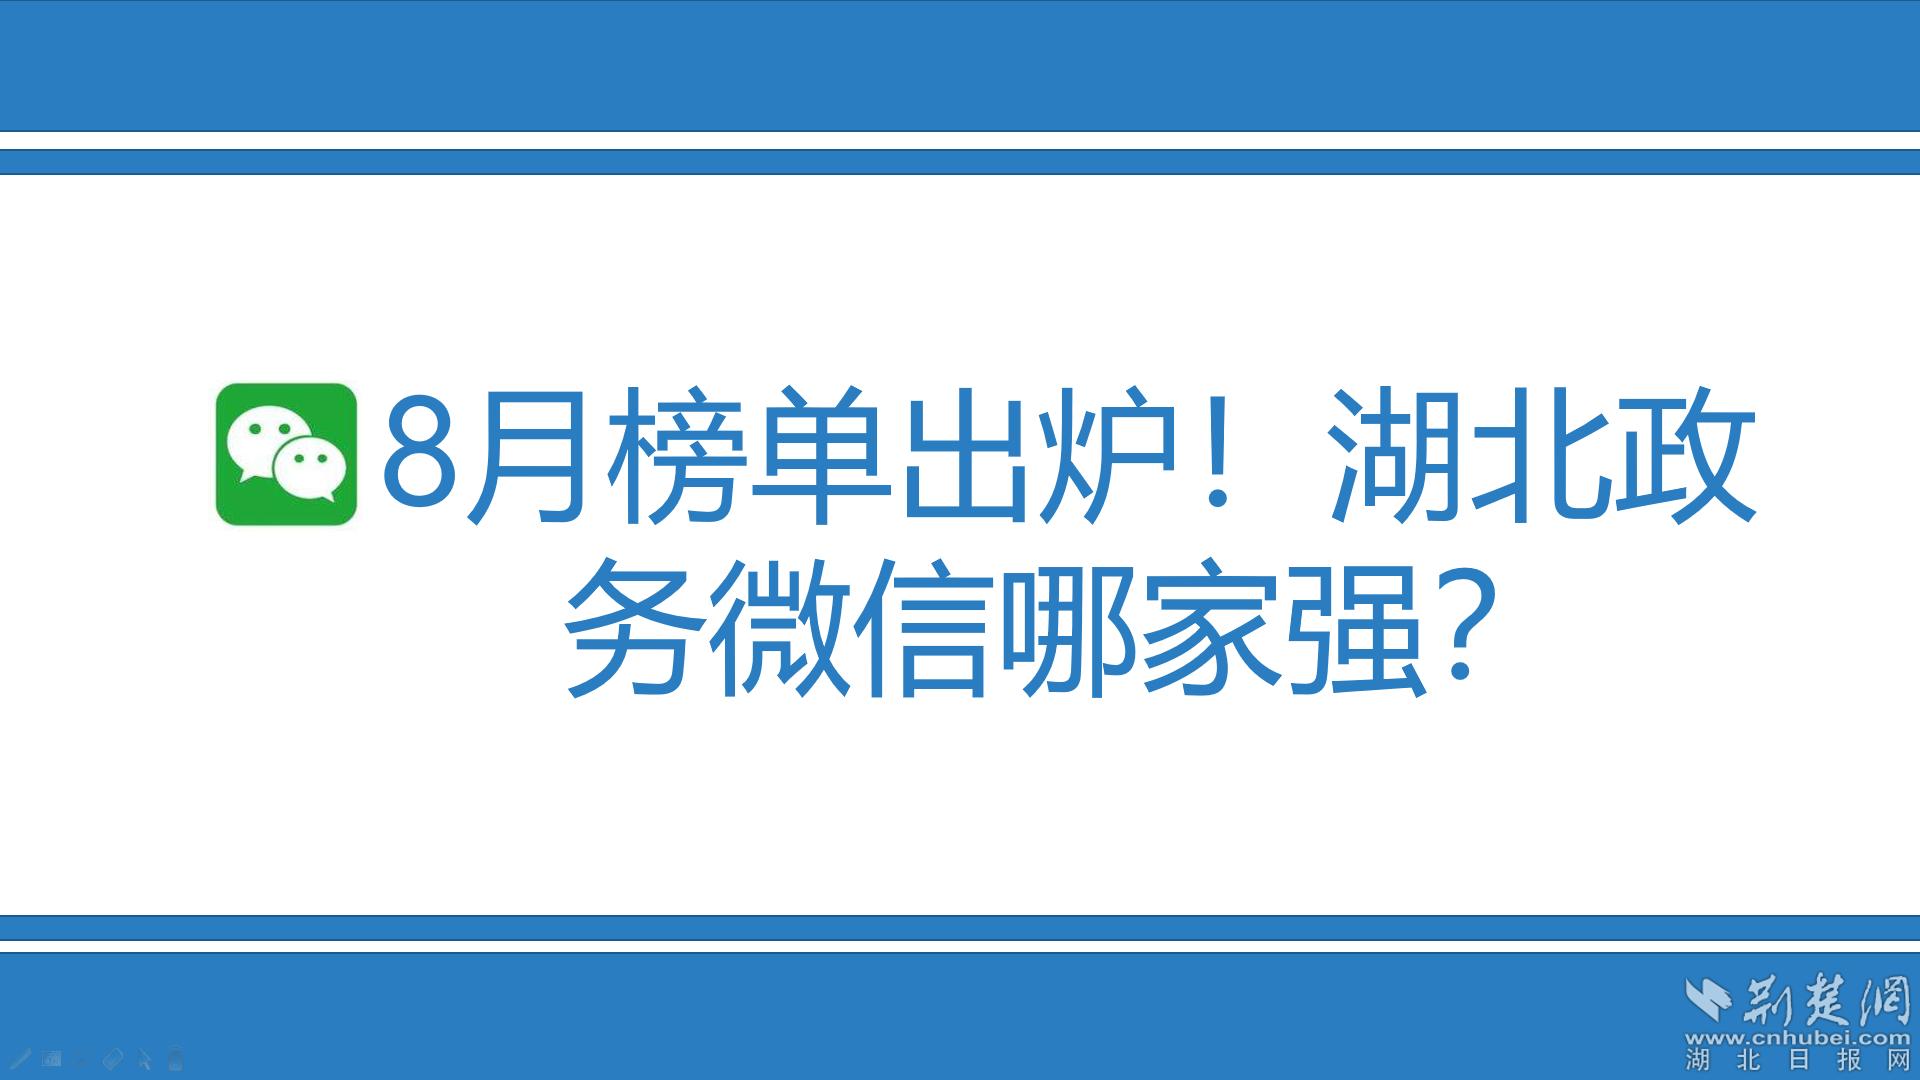 8月榜单出炉!万博官网manbet手机版政务微信哪家强?